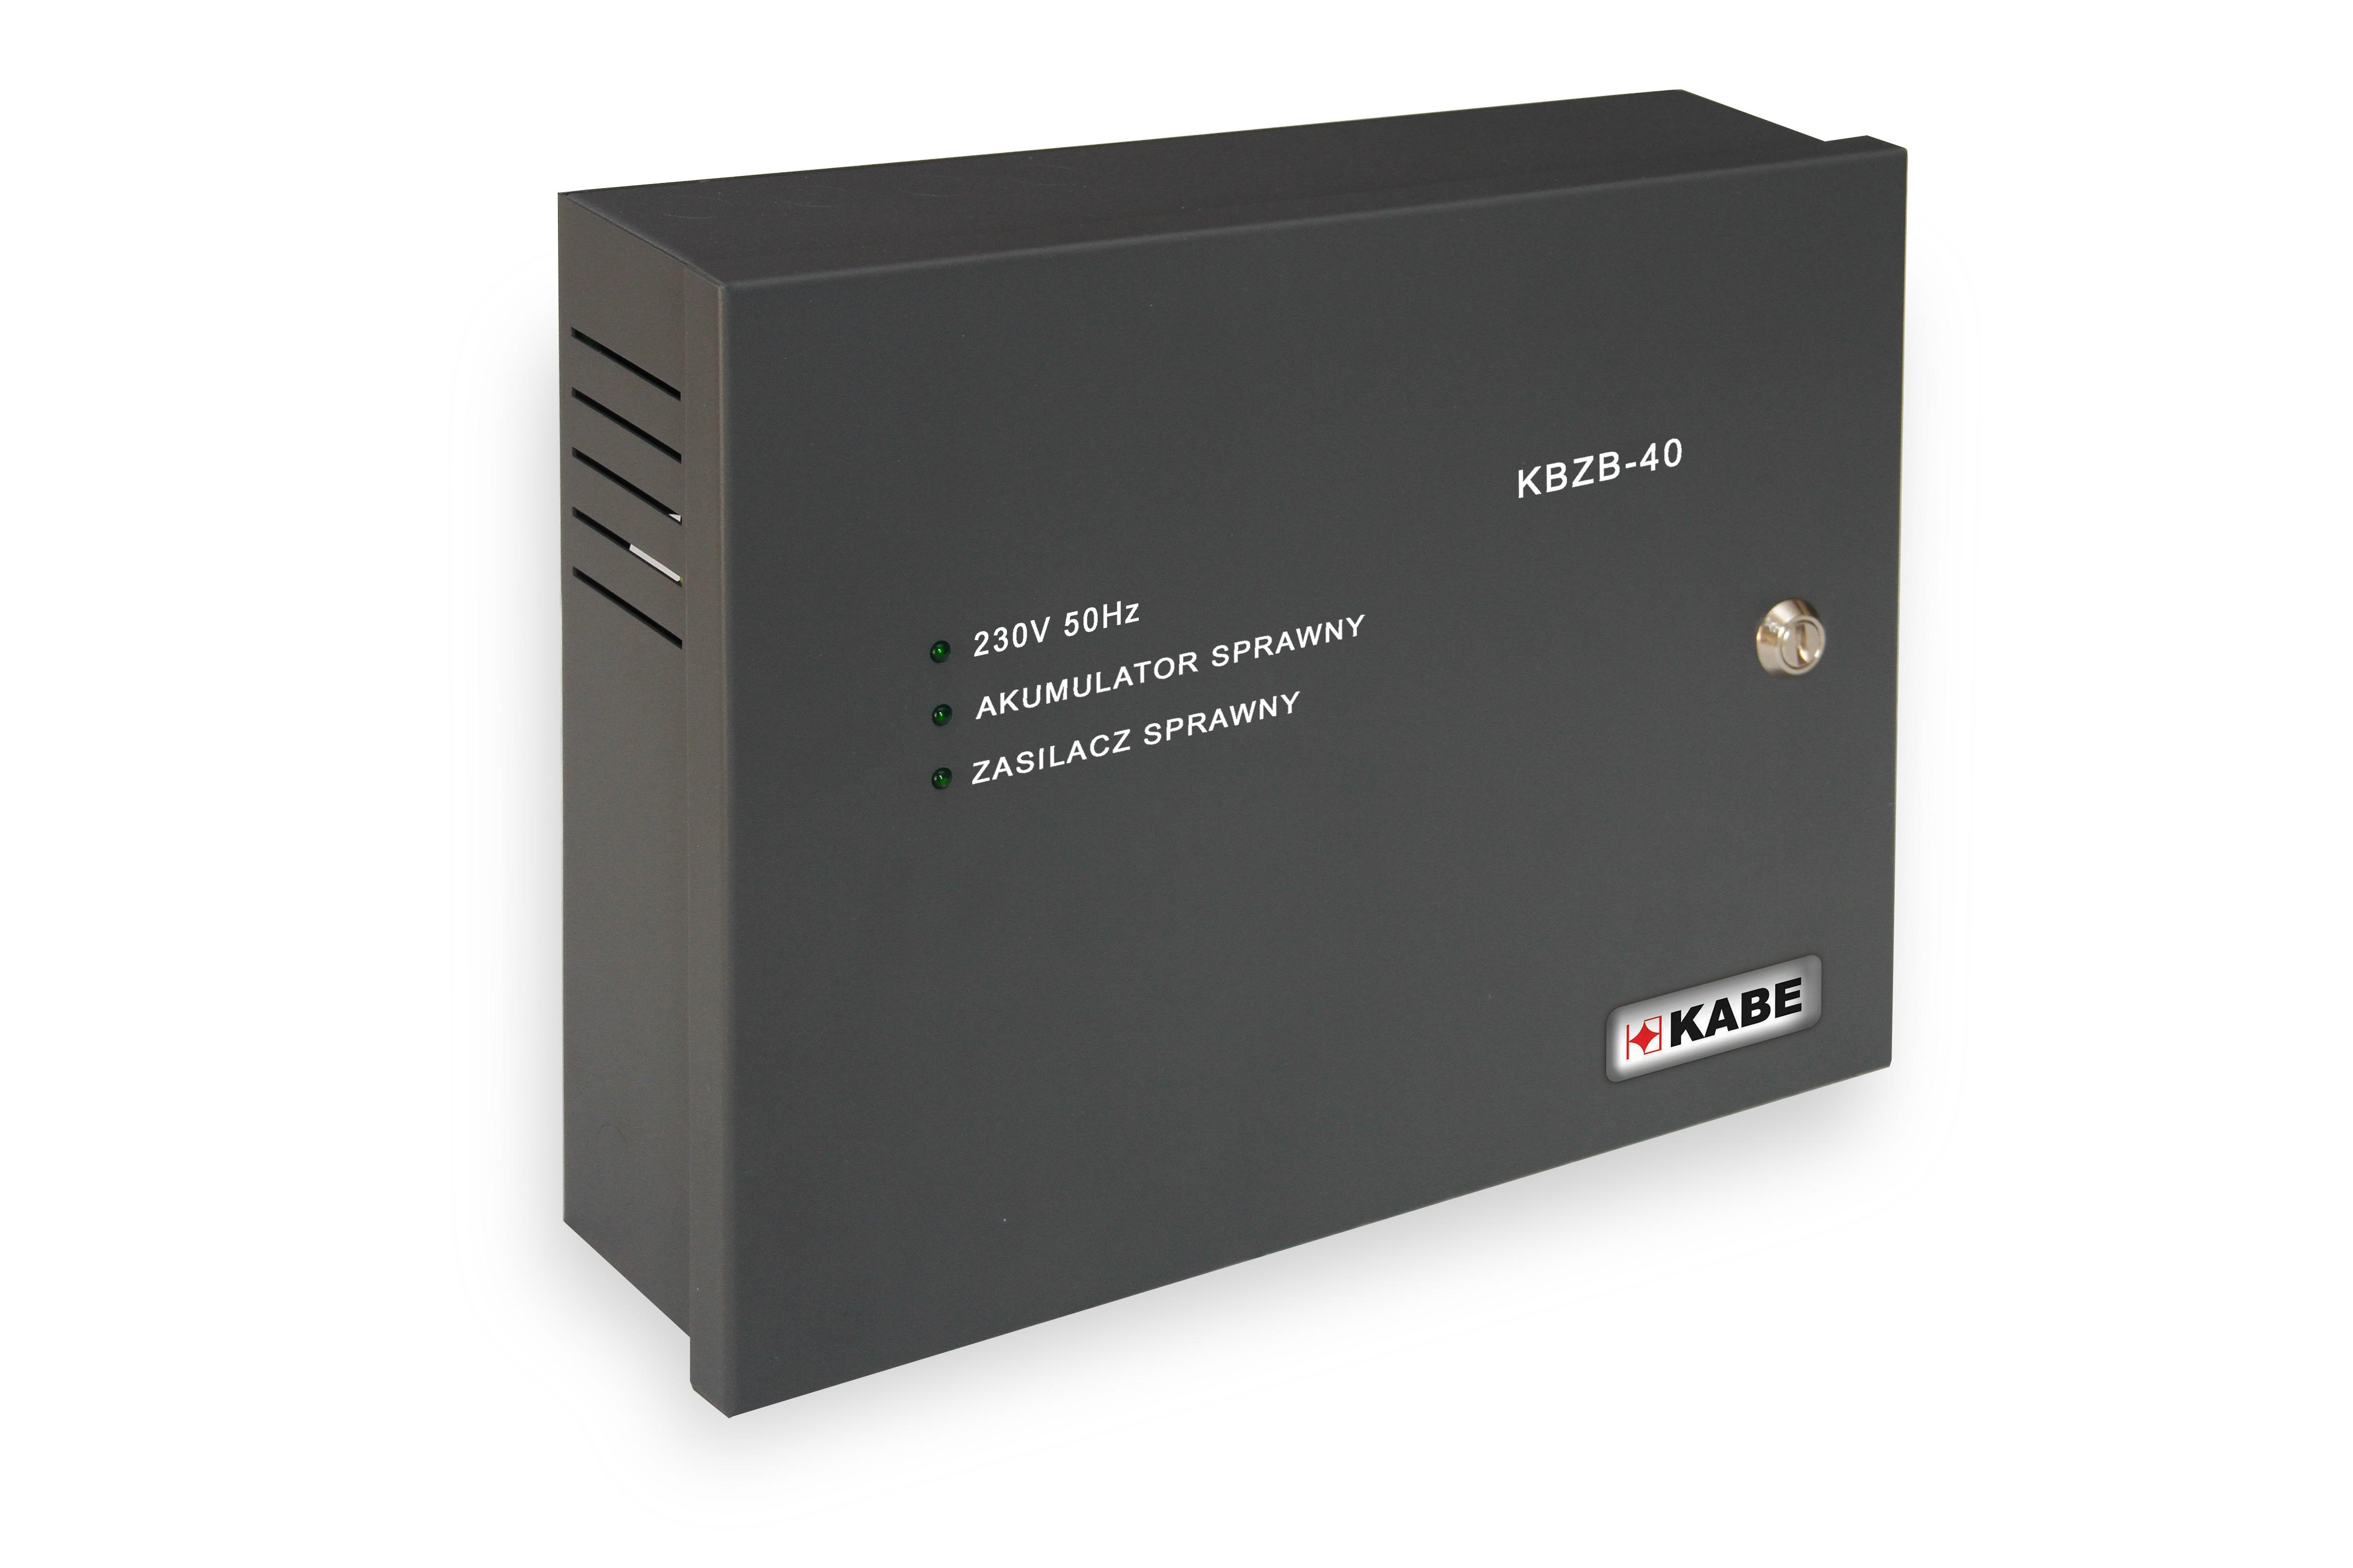 Zasilacz buforowy KBZB-40 3,7A/26Ah